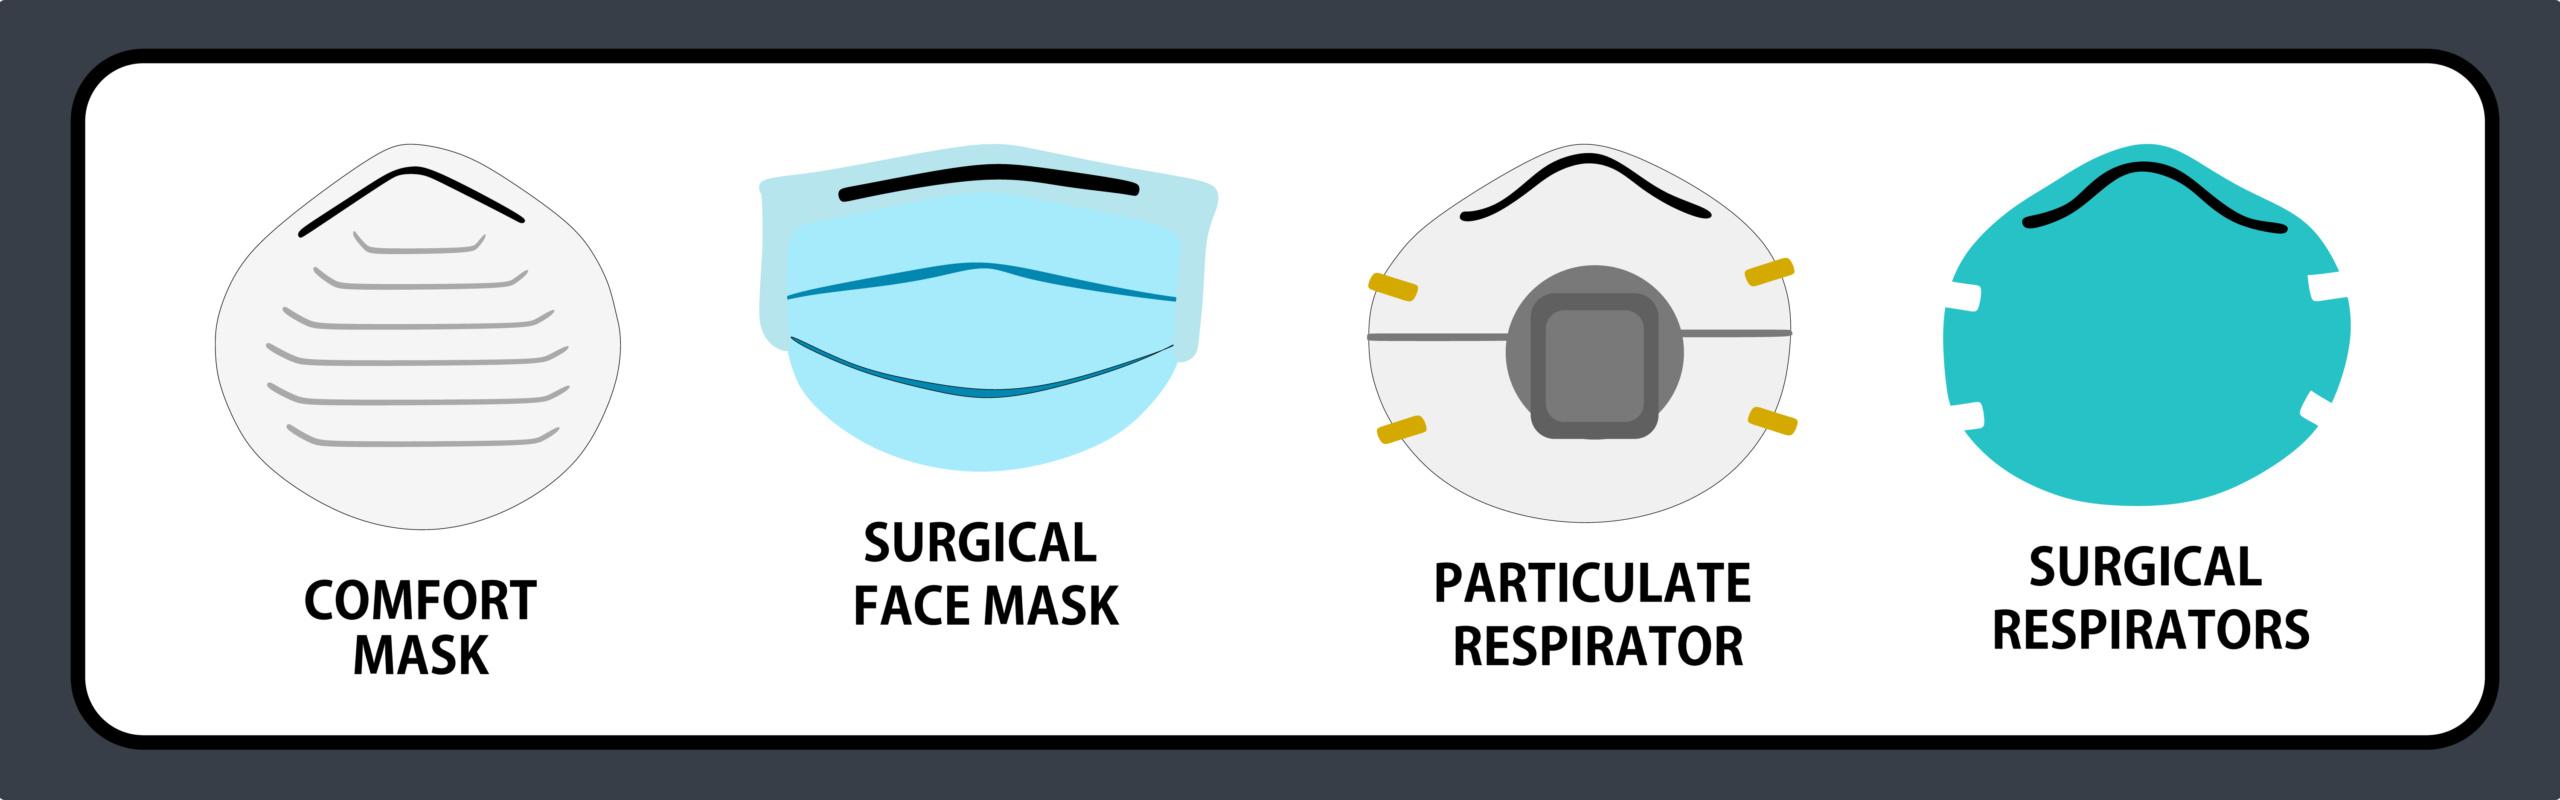 Comparaison des masques KN95, N95 et FFP2